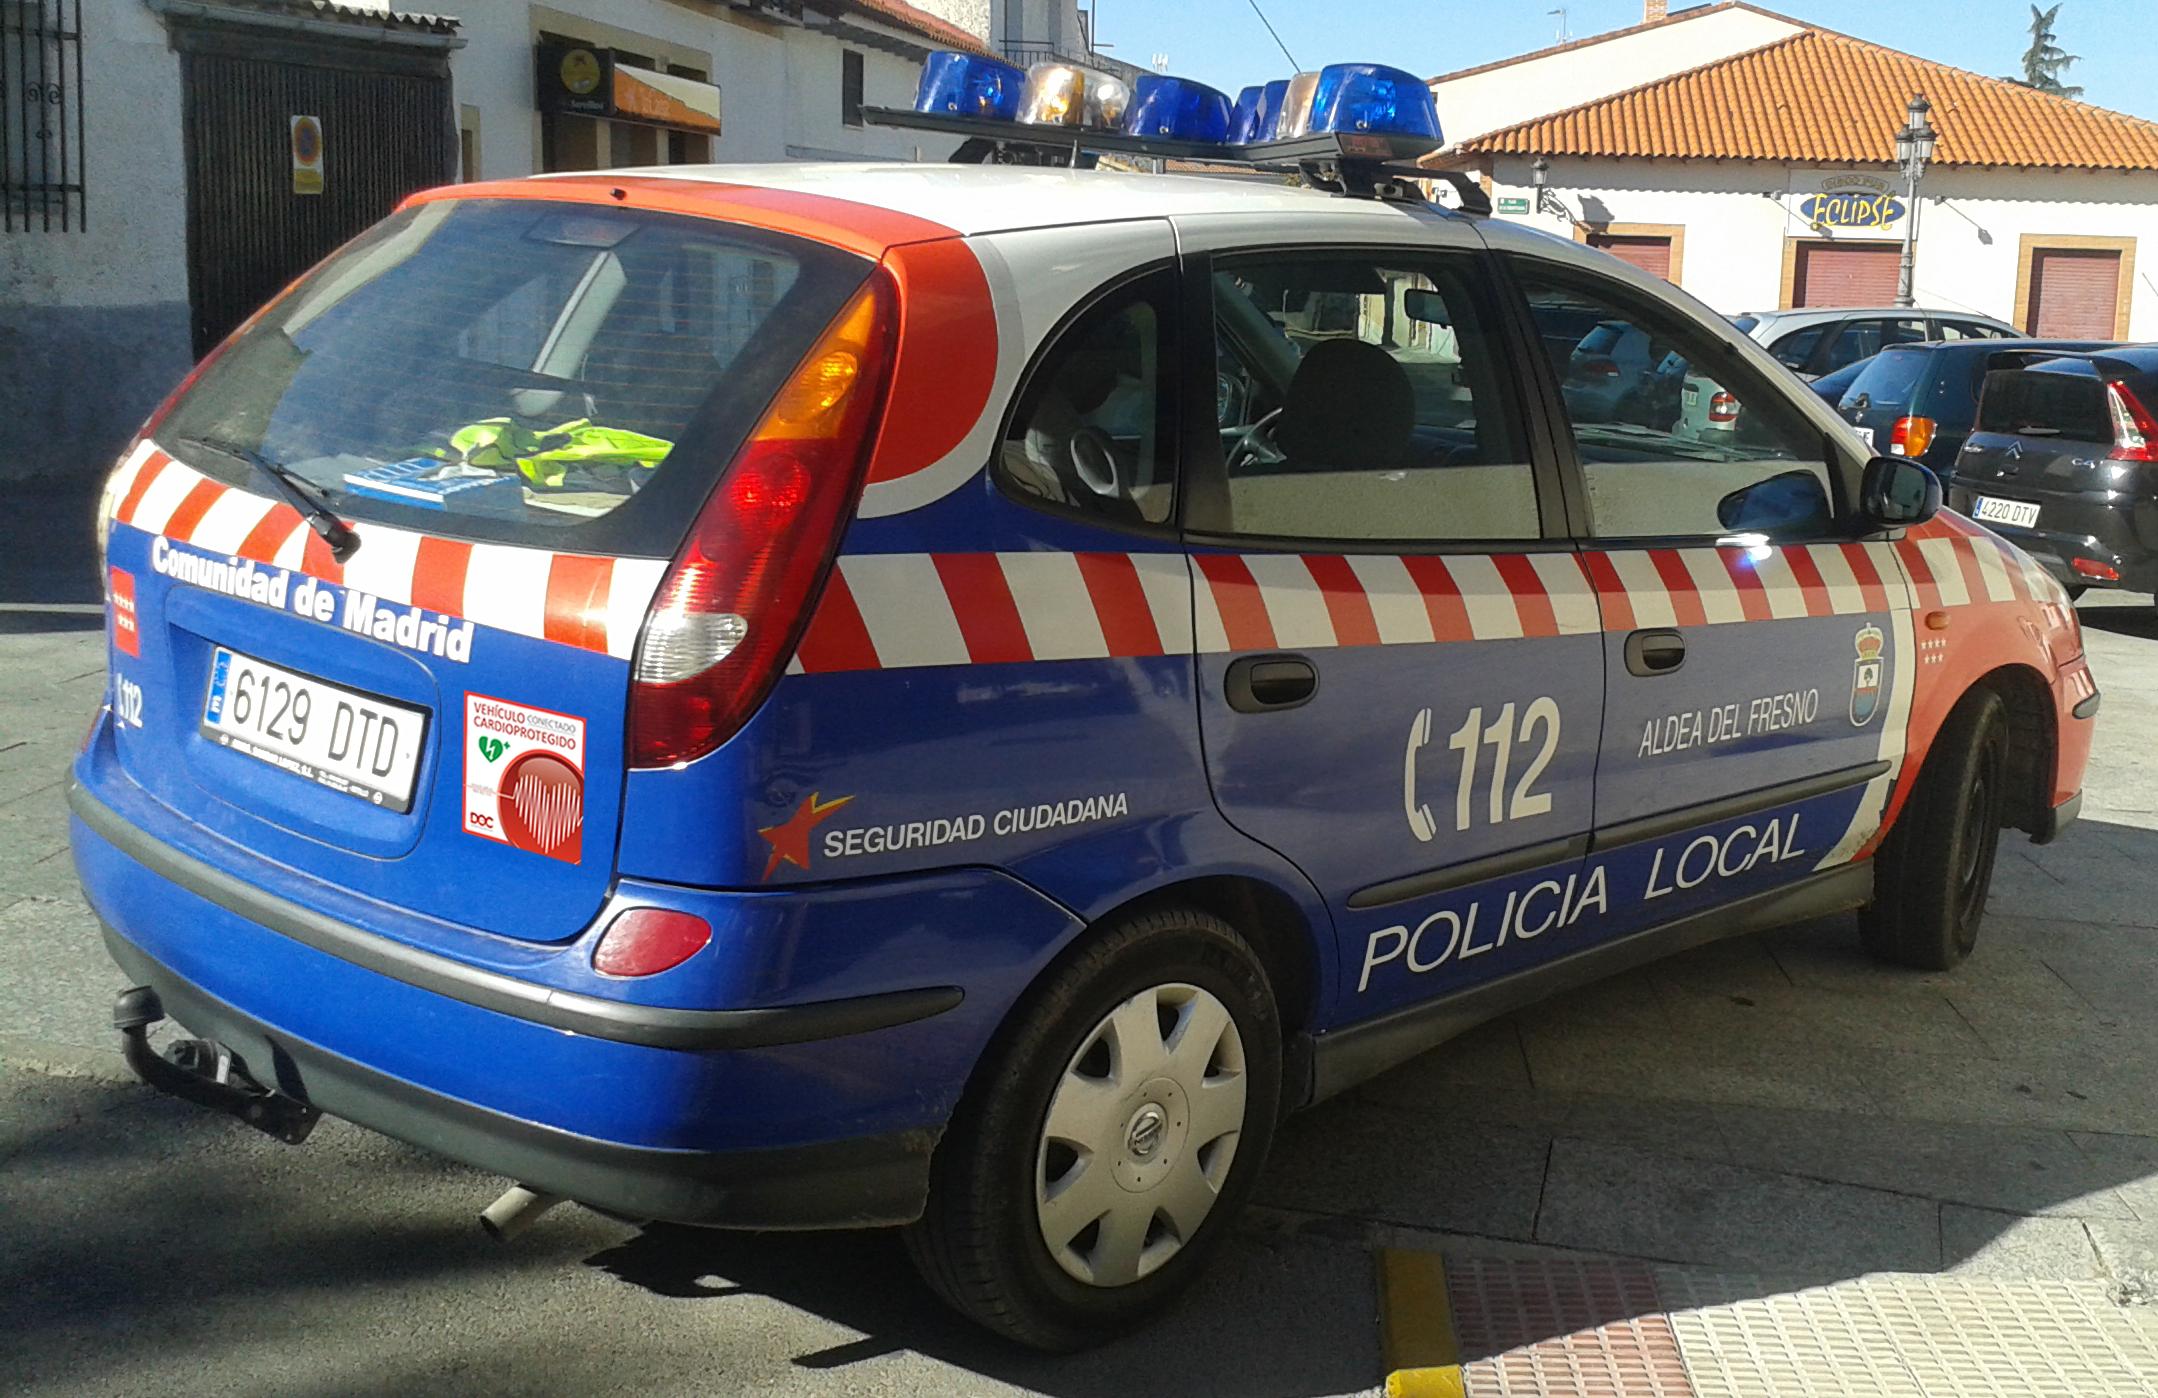 La Policía salva vidas en la cardioprotección0 (0)